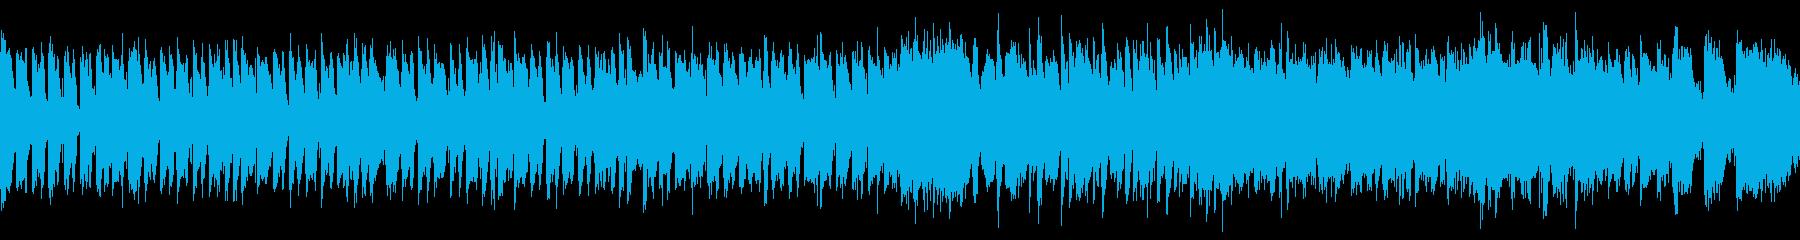 ポップなハロウィン・ループの再生済みの波形